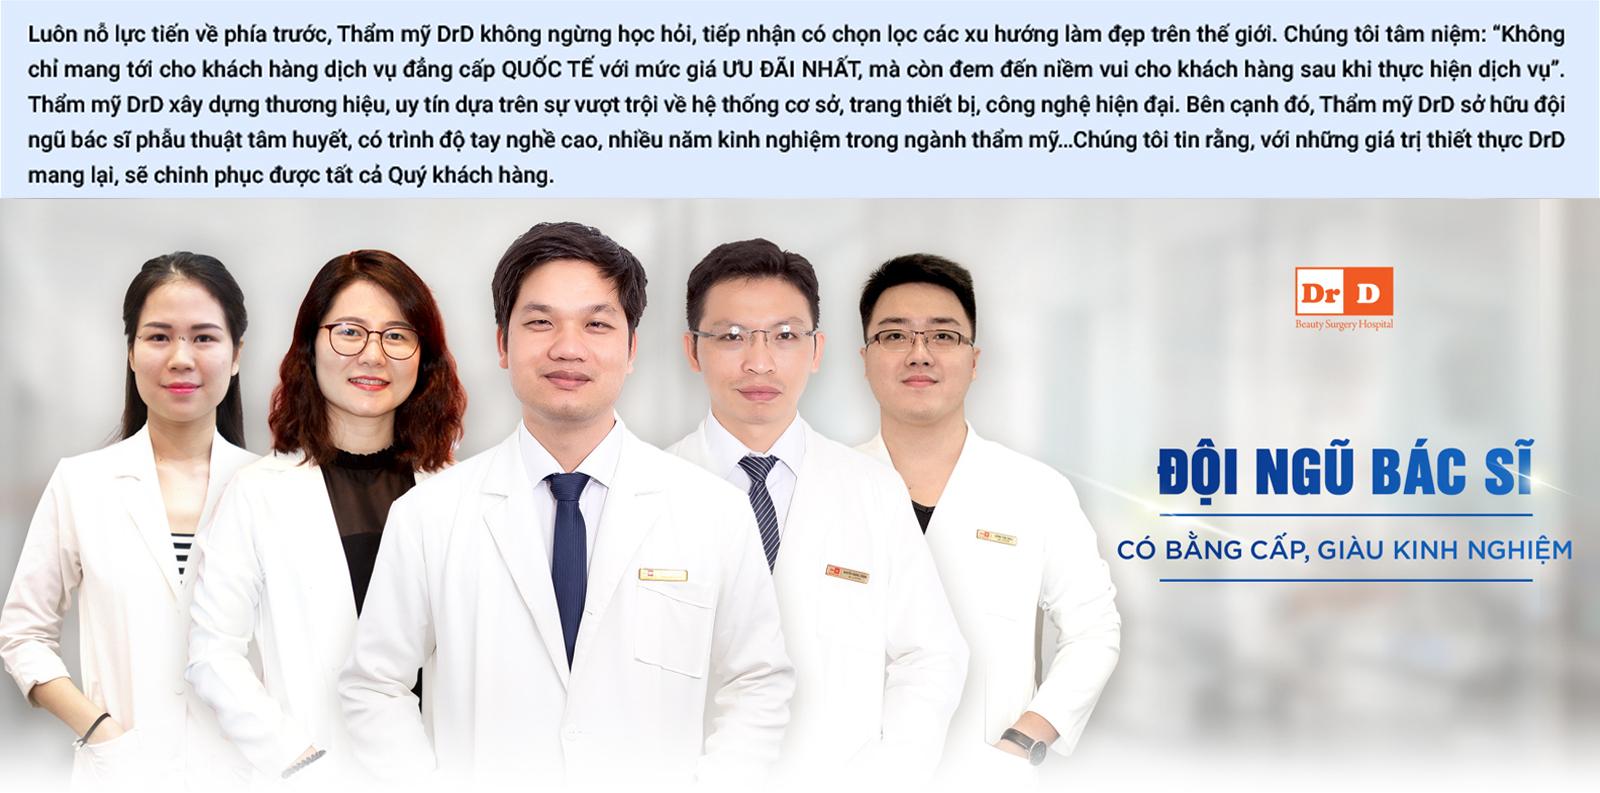 Đội ngũ bác sĩ tâm huyết và có tay nghề cao